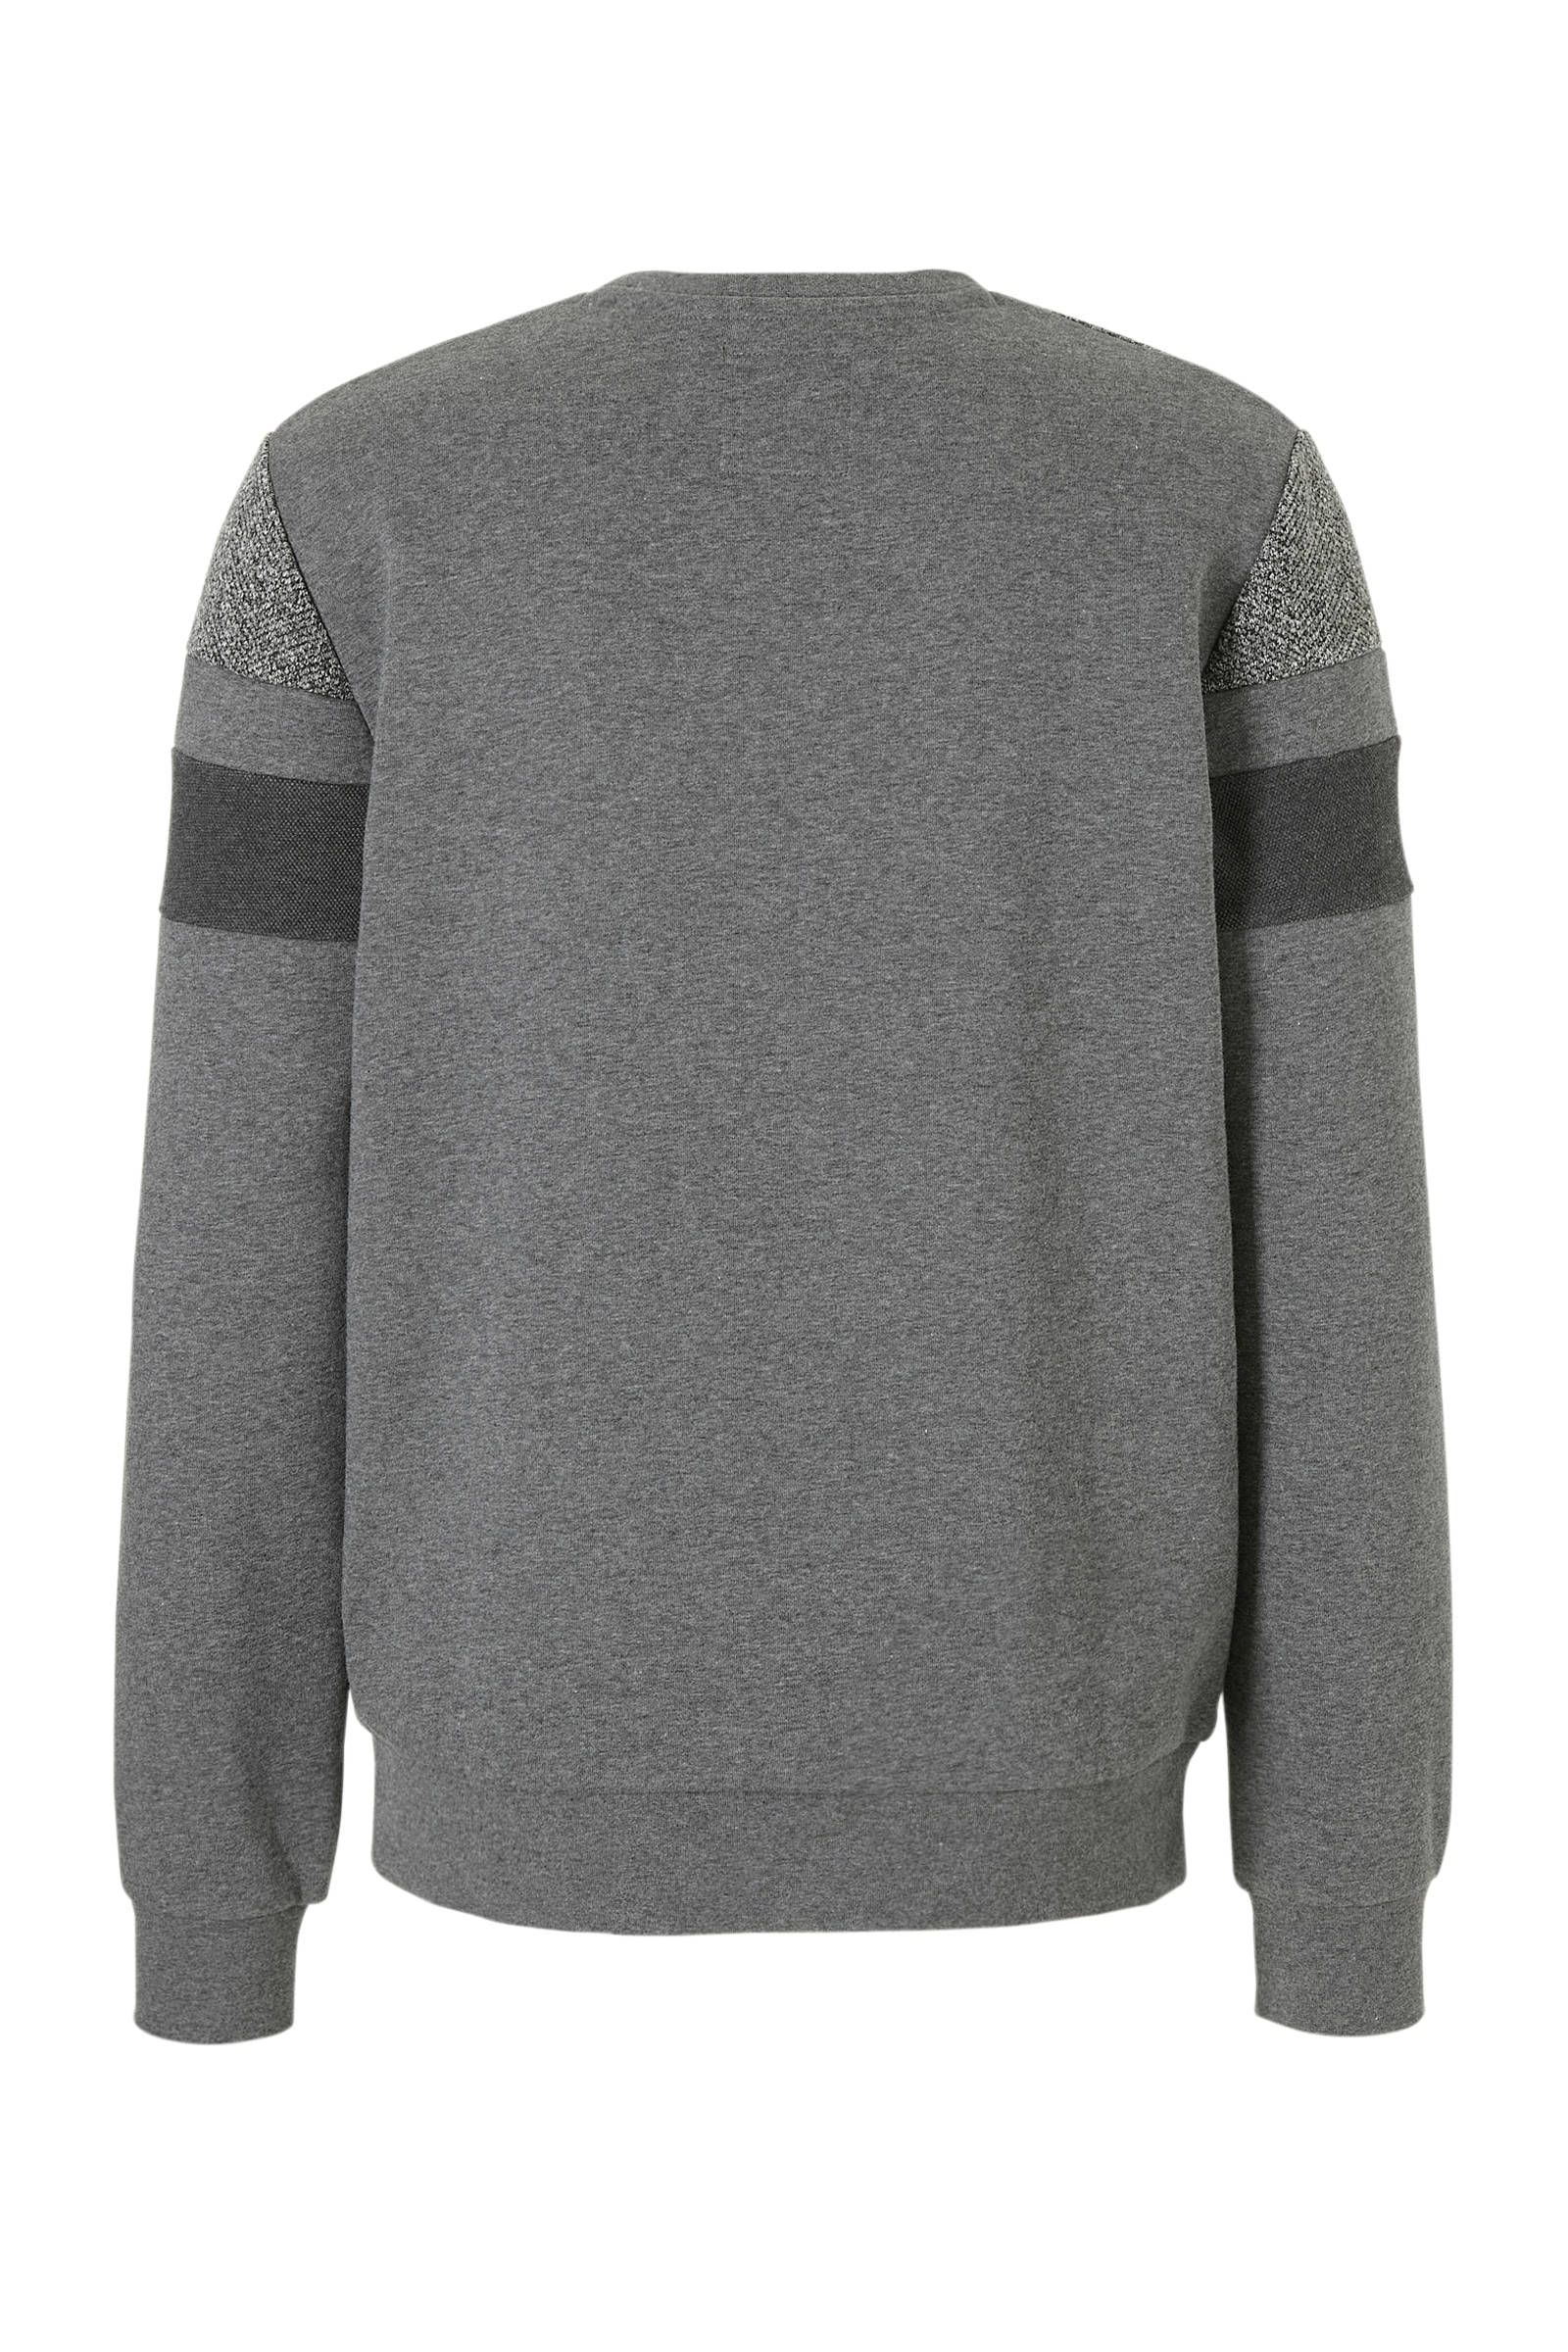 Men ESPRIT sweater edc edc ESPRIT Men sweater wCap4WTq